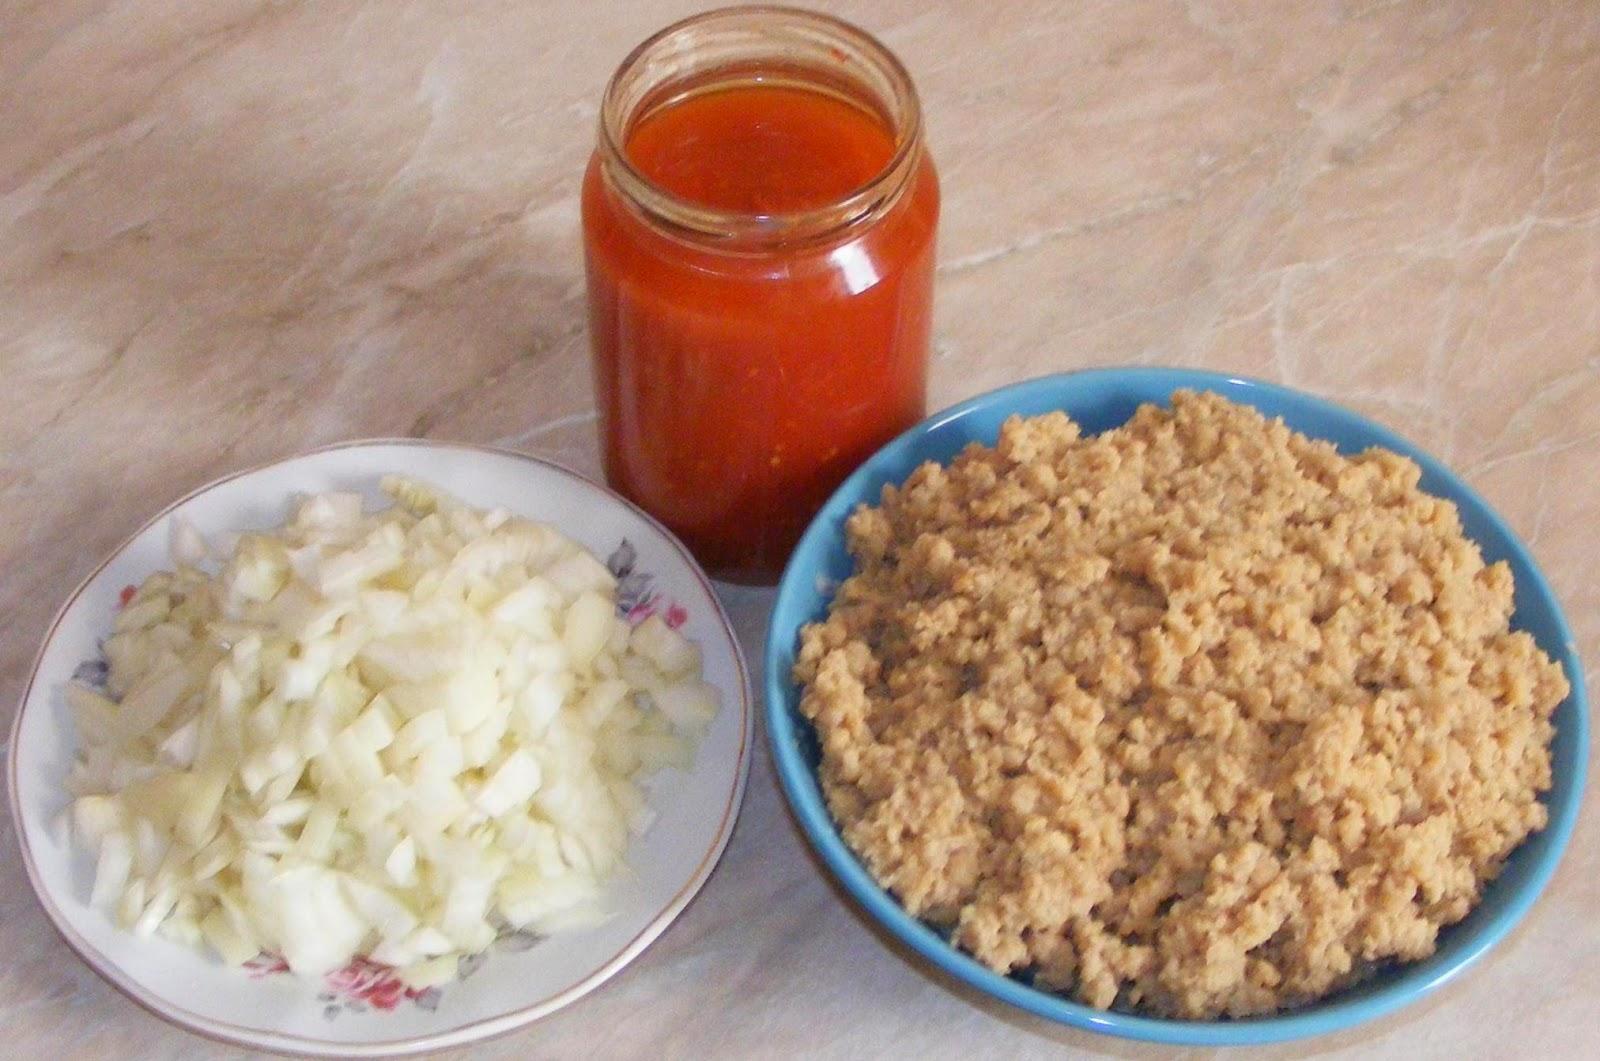 ingrediente umplutura musaca, musaca, musaca de post, musaca de post din paste si soia, musaca din paste si soia, umplutura musaca, compozitie musaca, retete culinare, preparate culinare, retete de post, mancare de post, retete cu soia, retete cu paste,